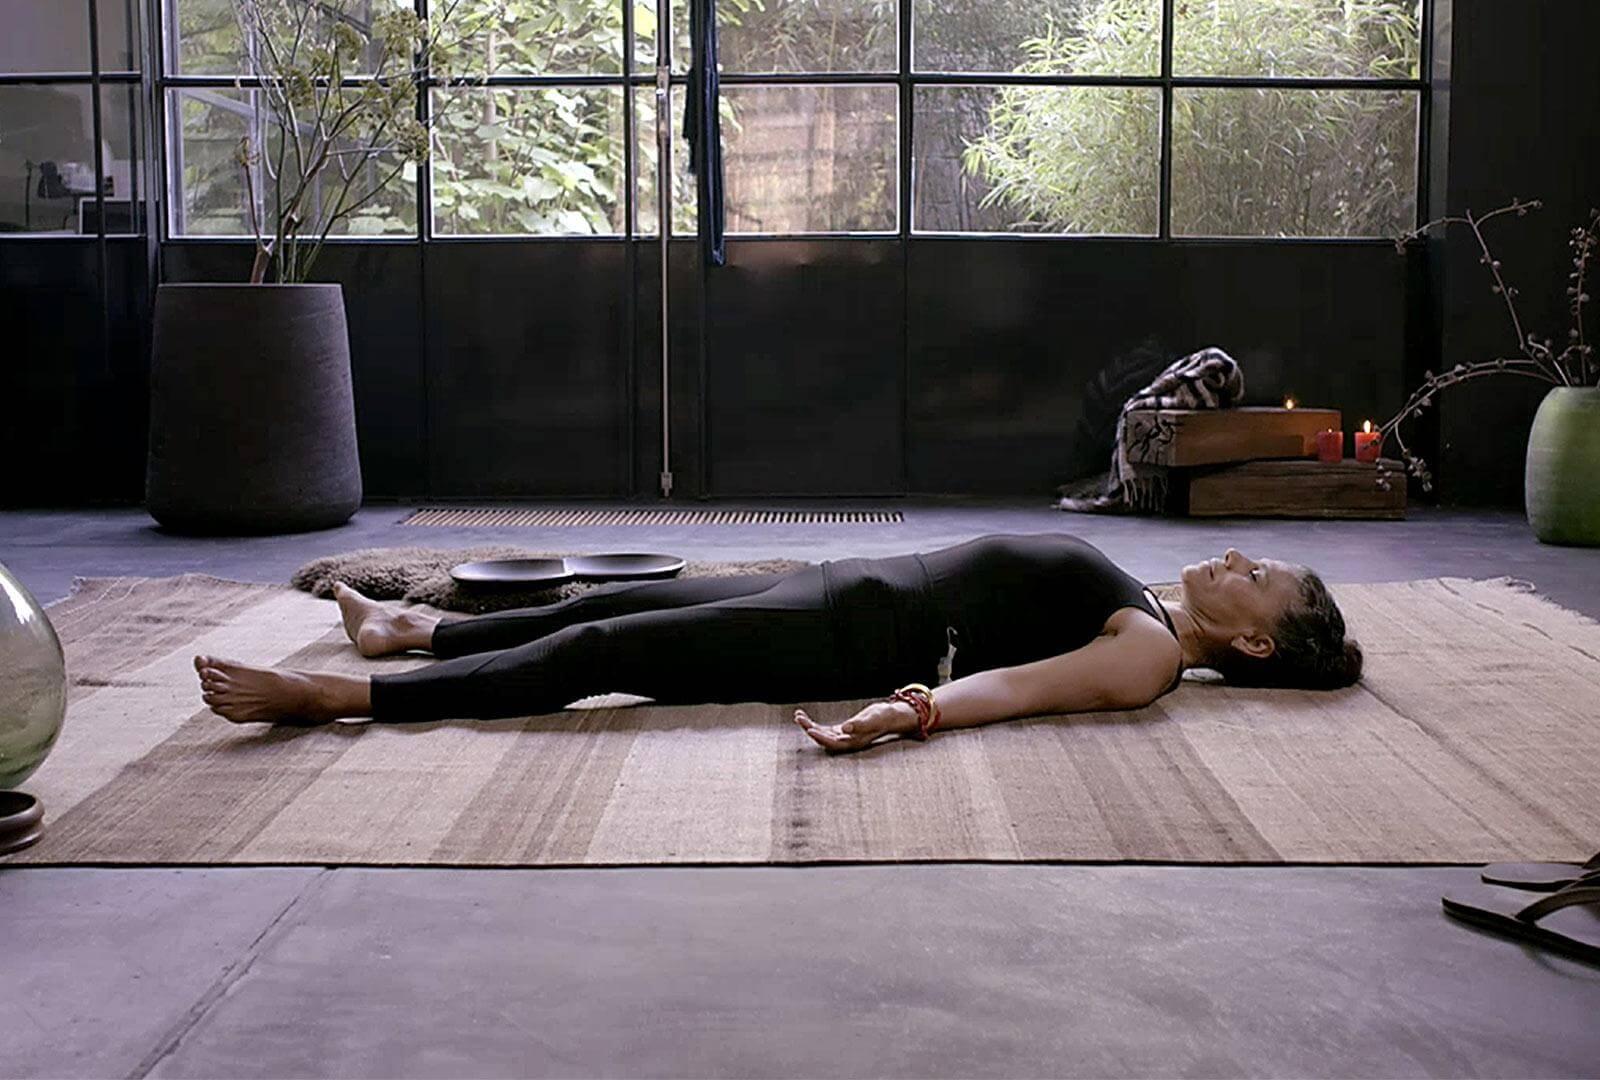 Шавасана (поза трупа в йоге): техника выполнения для глубокого расслабления - свами даши